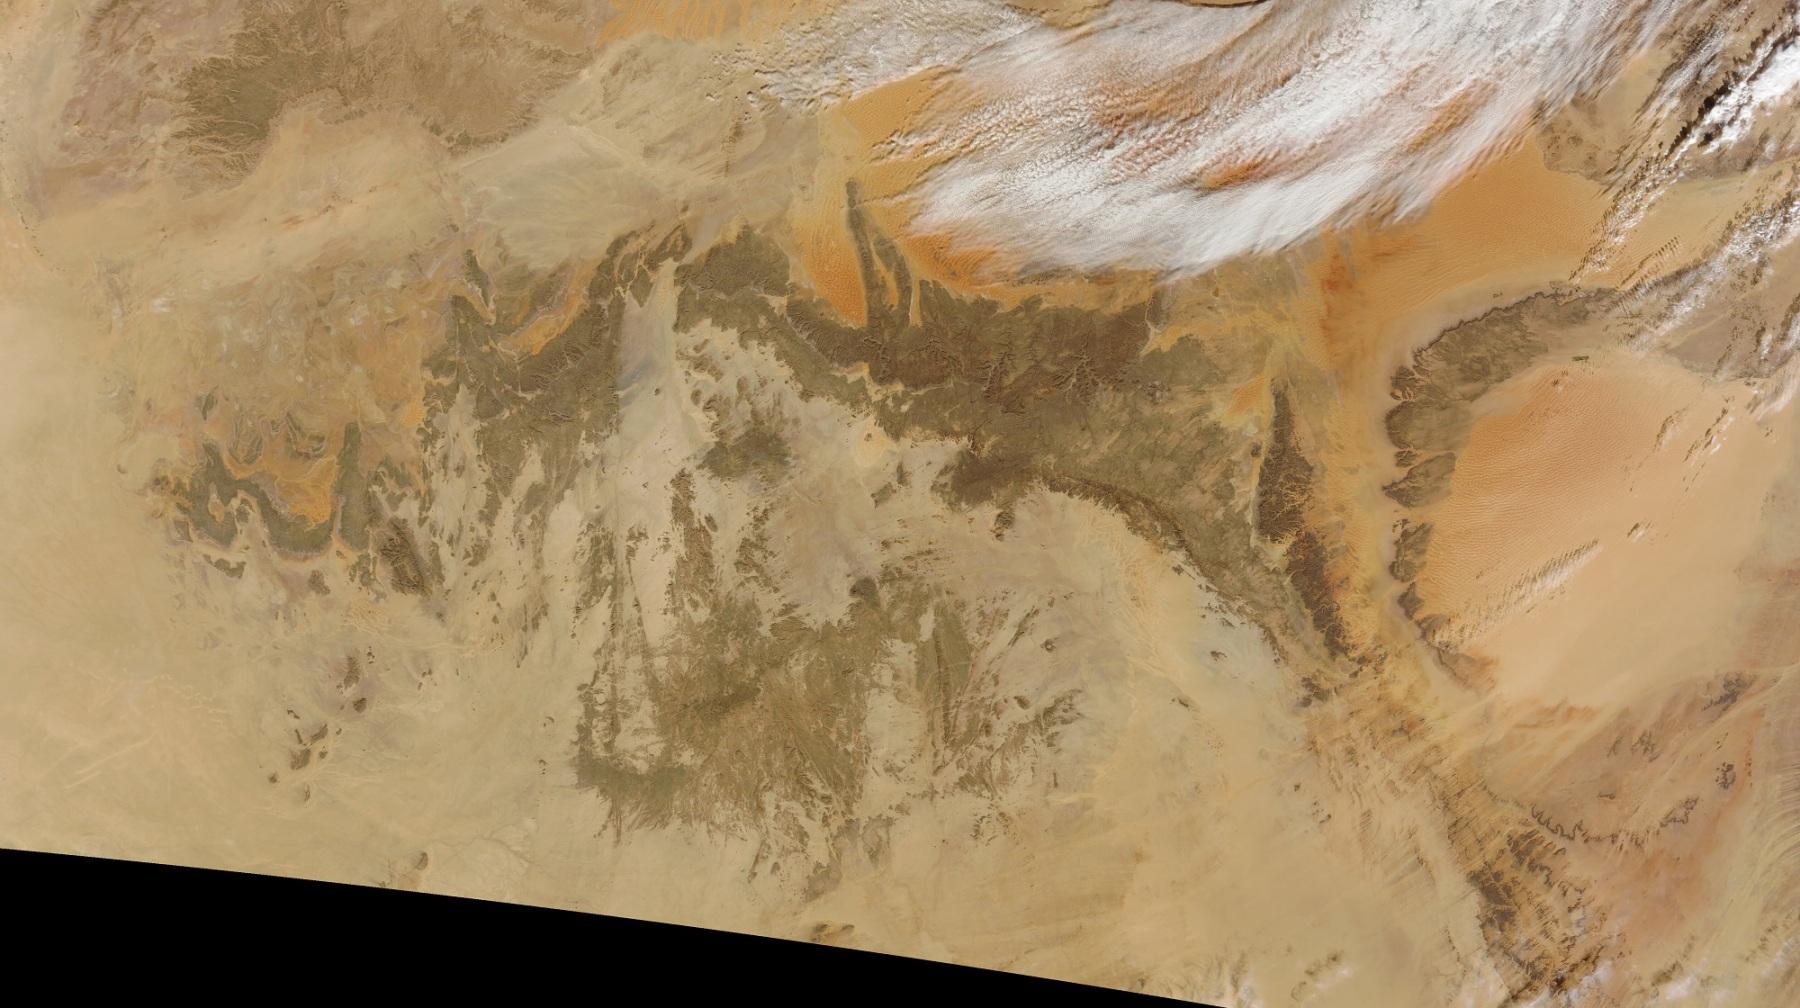 Satelitní snímek pohoří Ahaggar a Tassili-n-Adžer